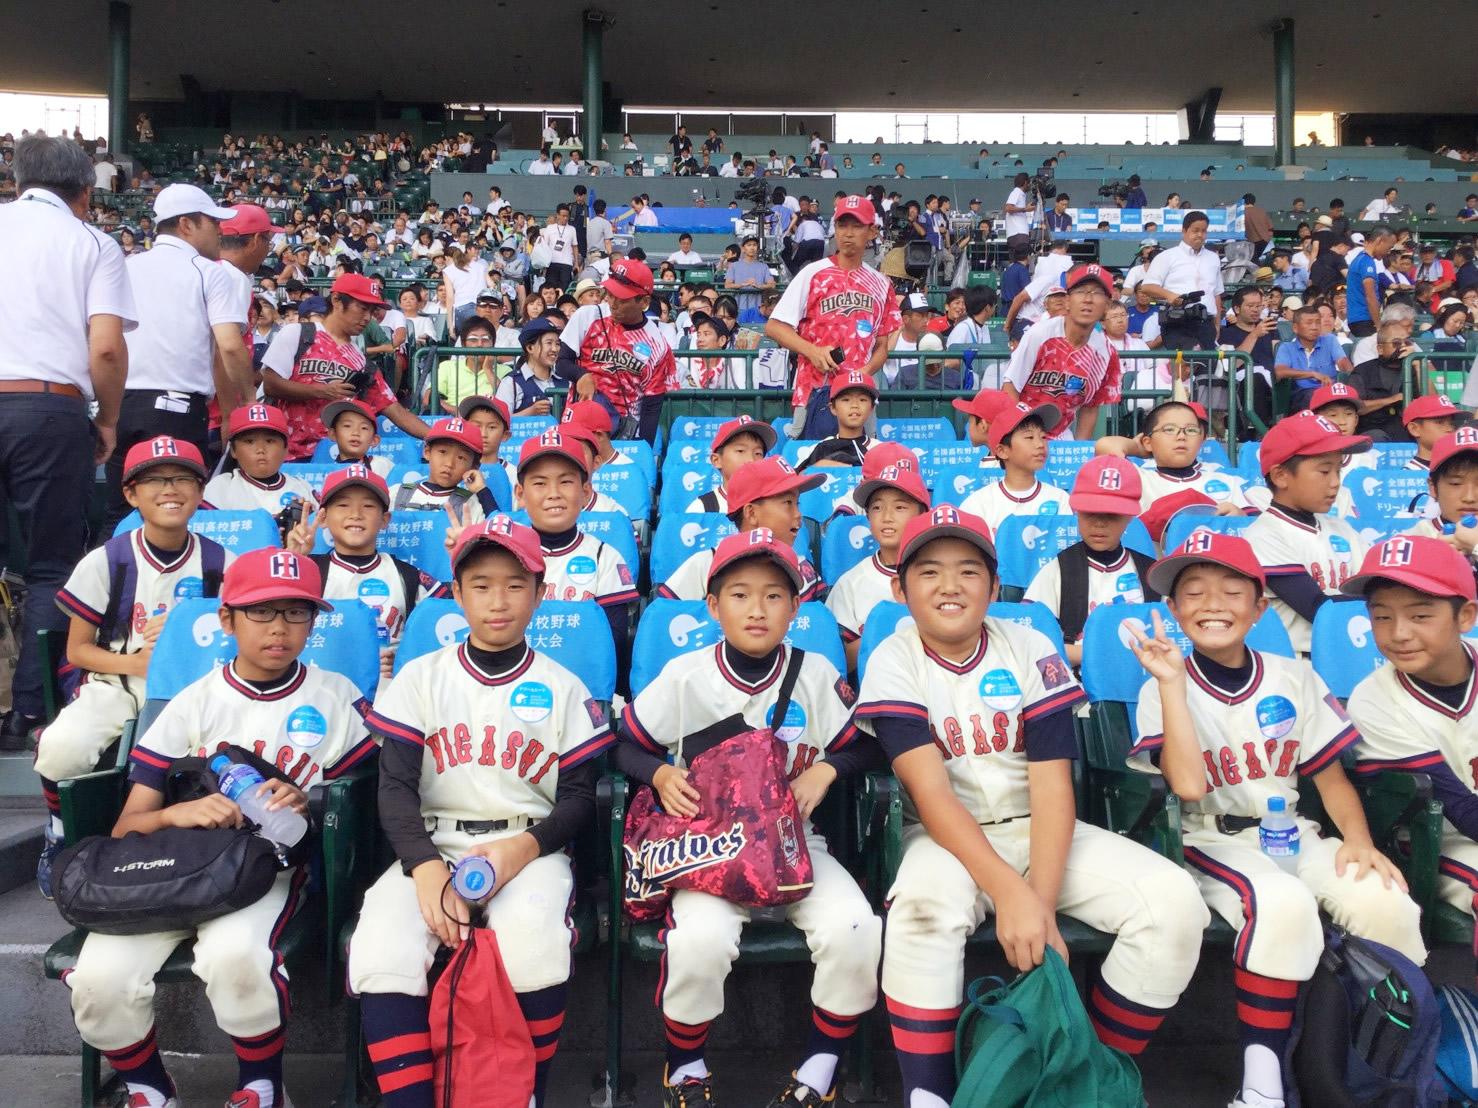 全国夏の高校野球準々決勝をドリームシートで観戦しました。|2019.8.18